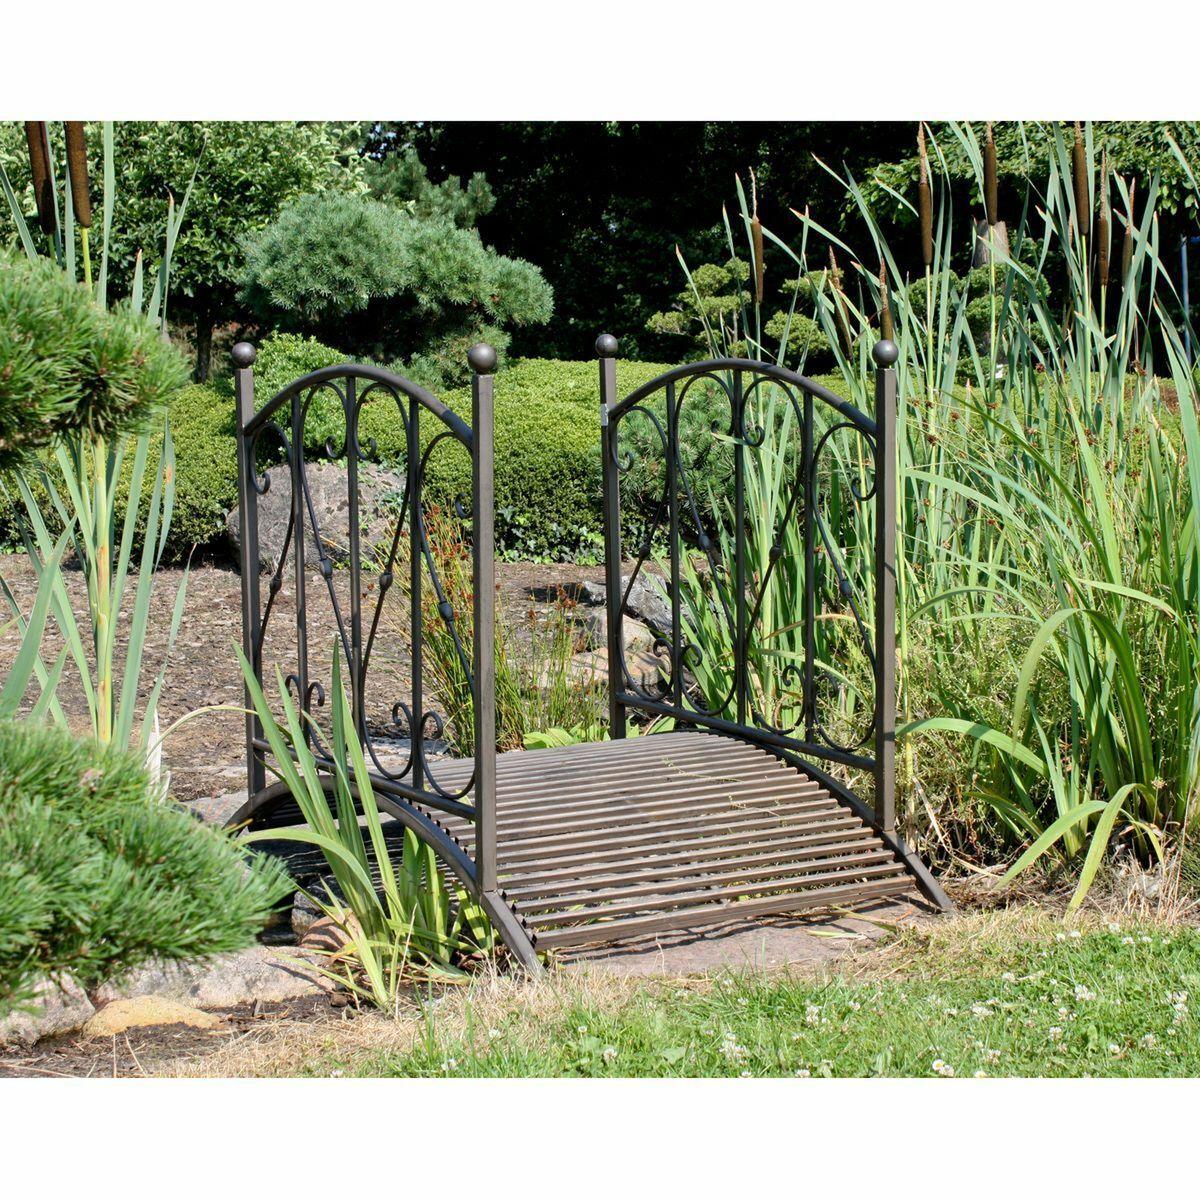 Gartenbrücke 120 cm Metall Brücke Garten Teichbrücke Zierbrücke Dekobrücke Teich